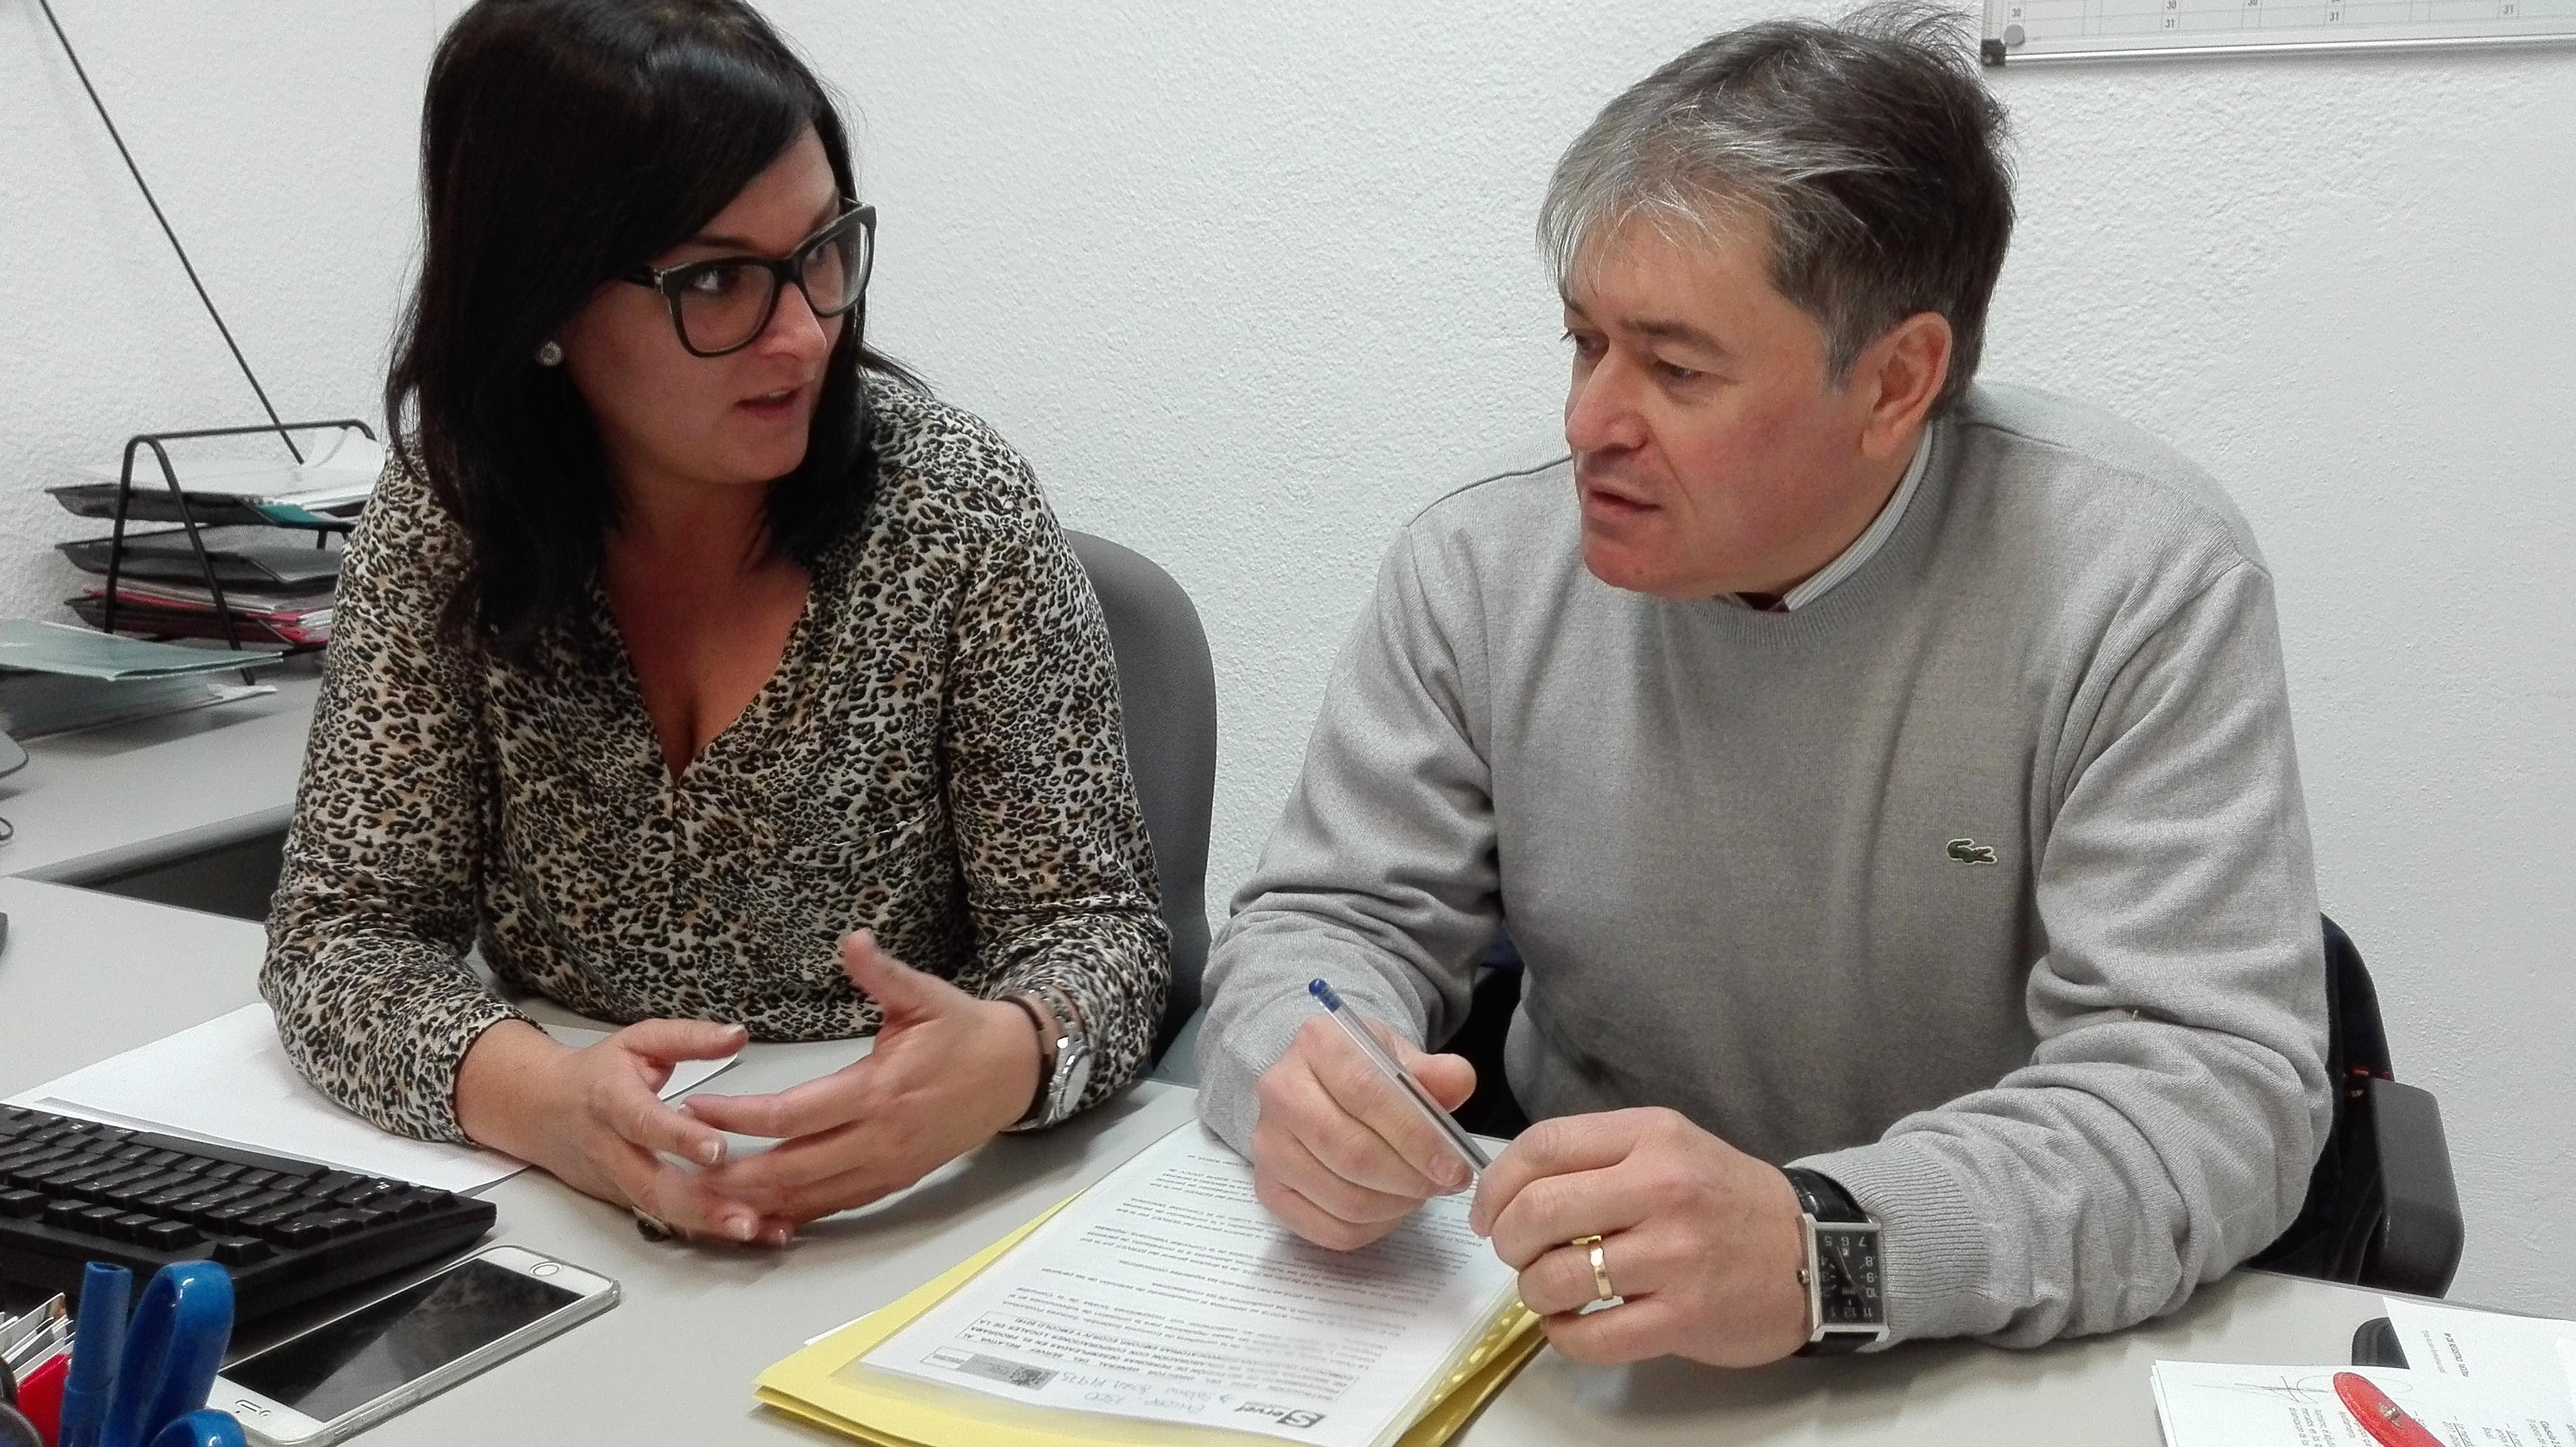 Peníscola, l'Ajuntament preveu la contractació de sis veïns aturats a través de dos programes d'ocupació